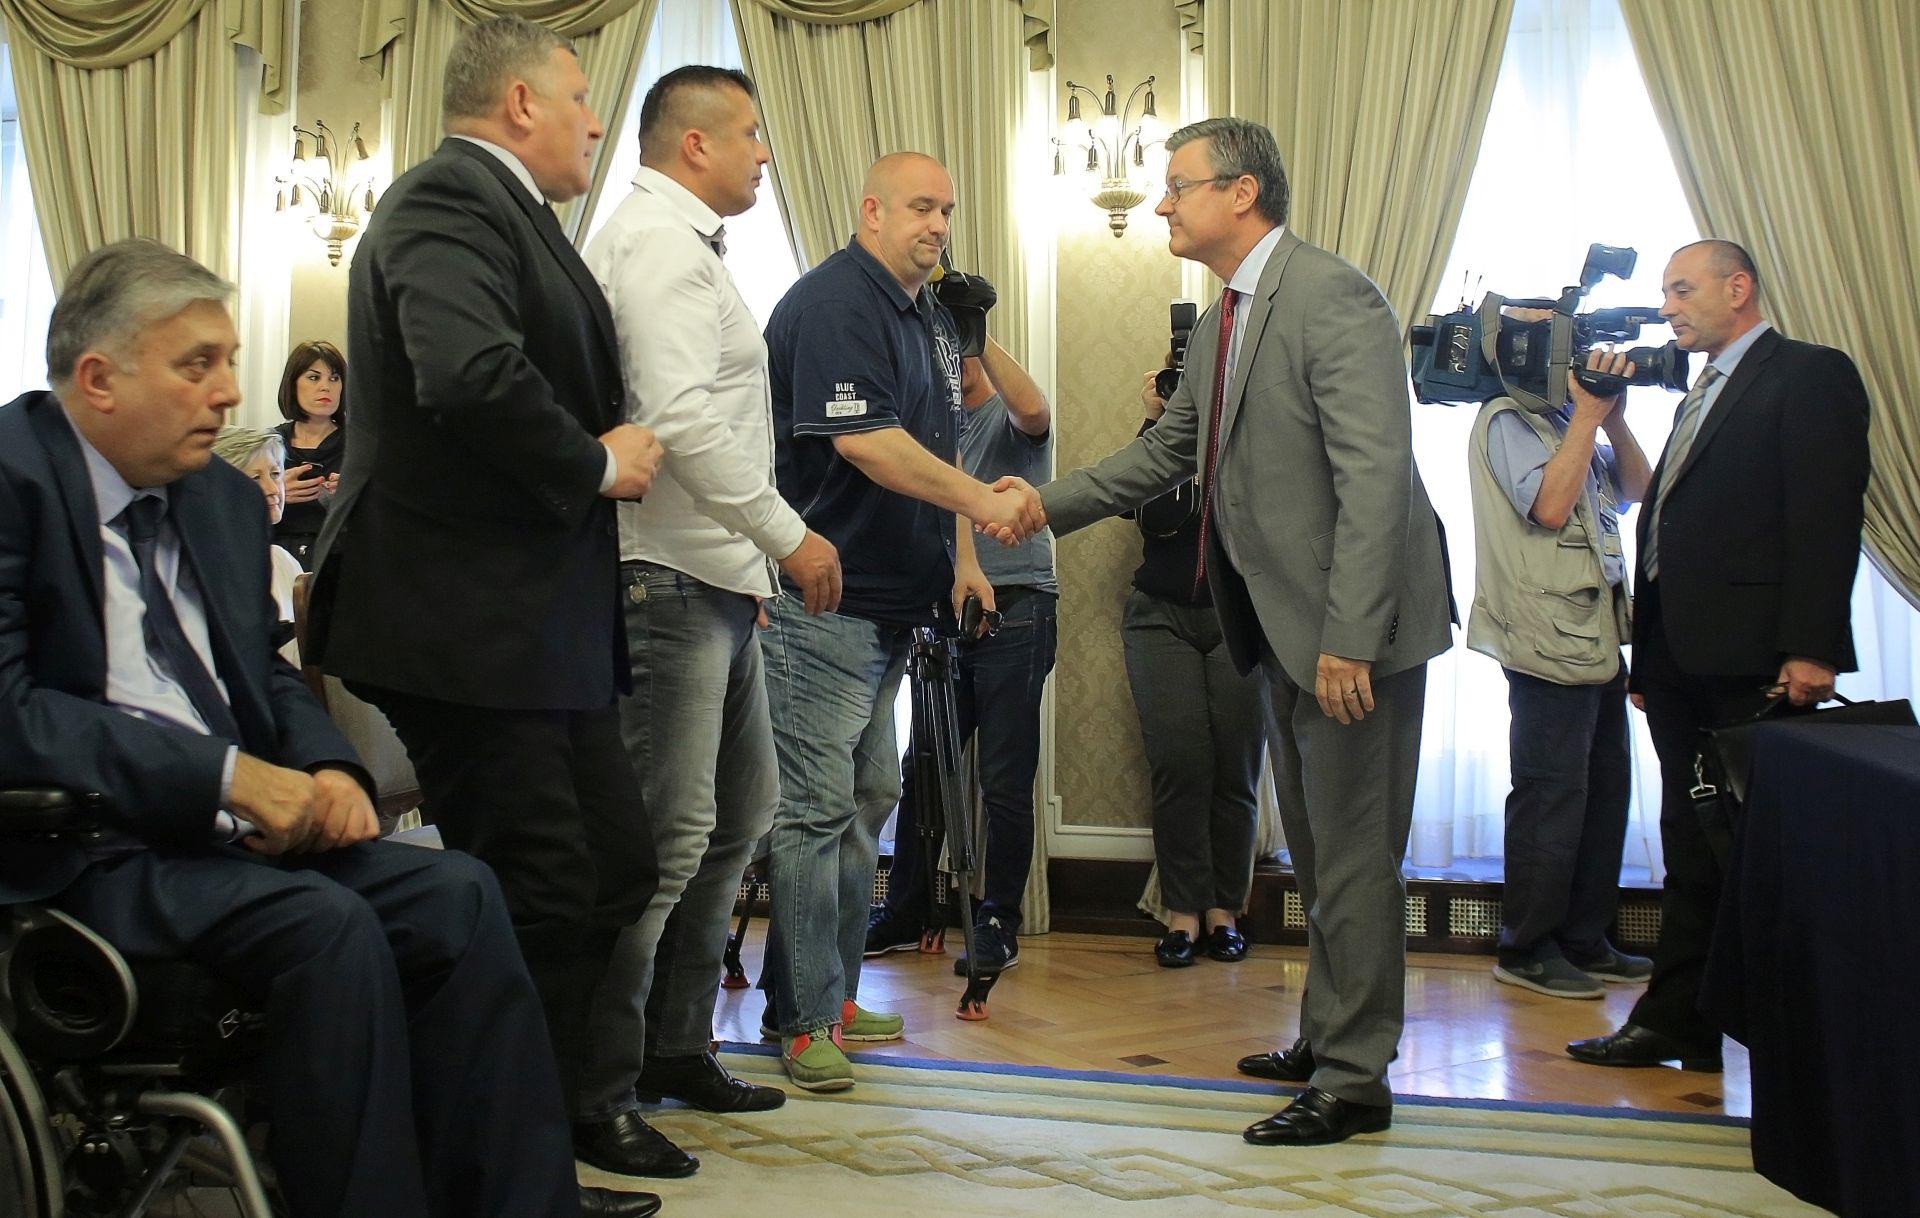 NAKON OTVORENIH POGLAVLJA: Orešković očekuje od Srbije da poštuje dogovorena stajališta